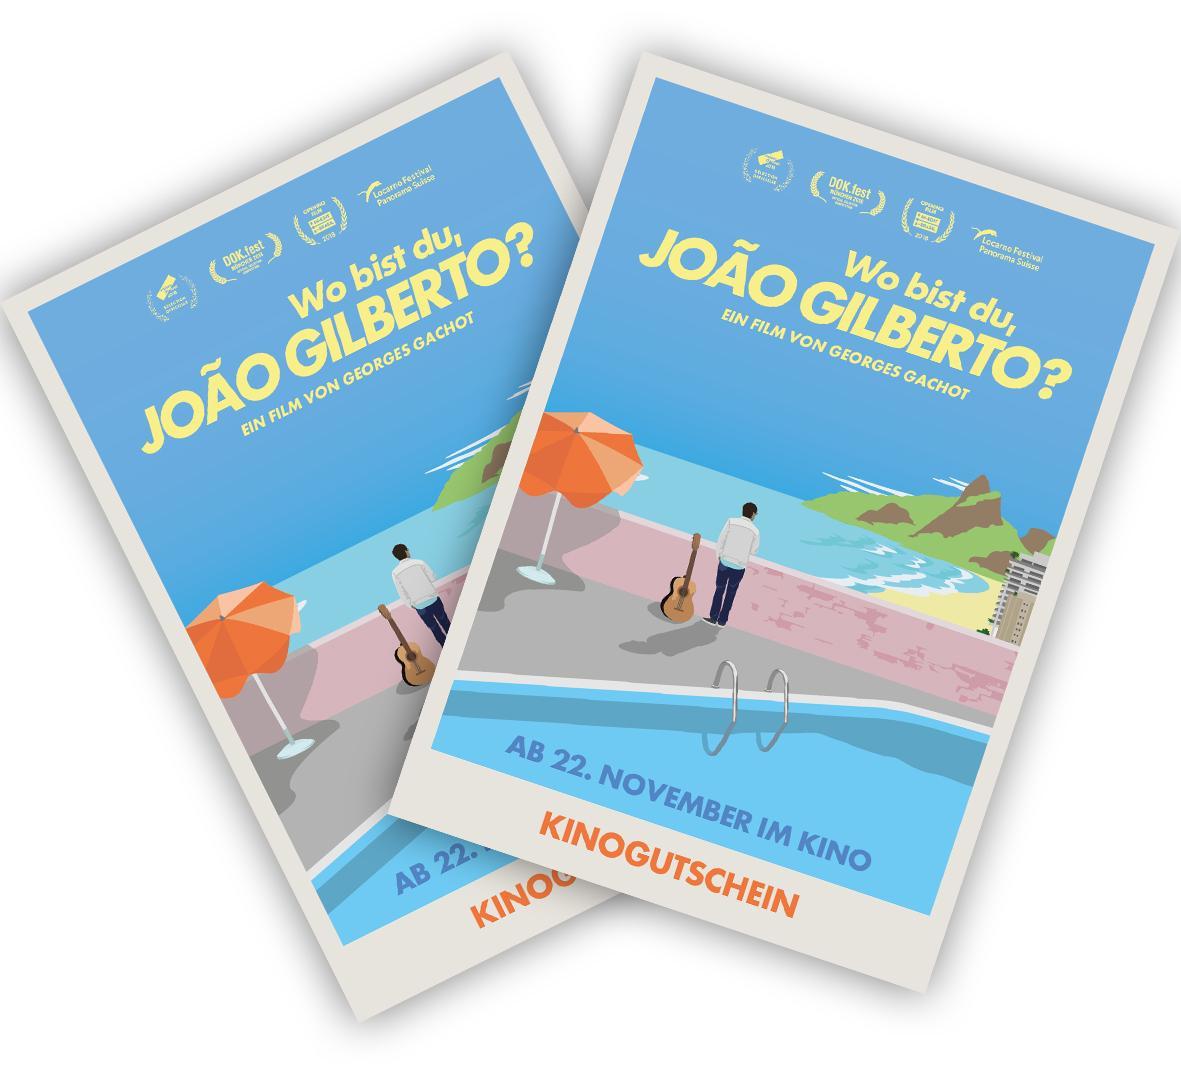 Kinogutscheine für Film über Joao Gilberto